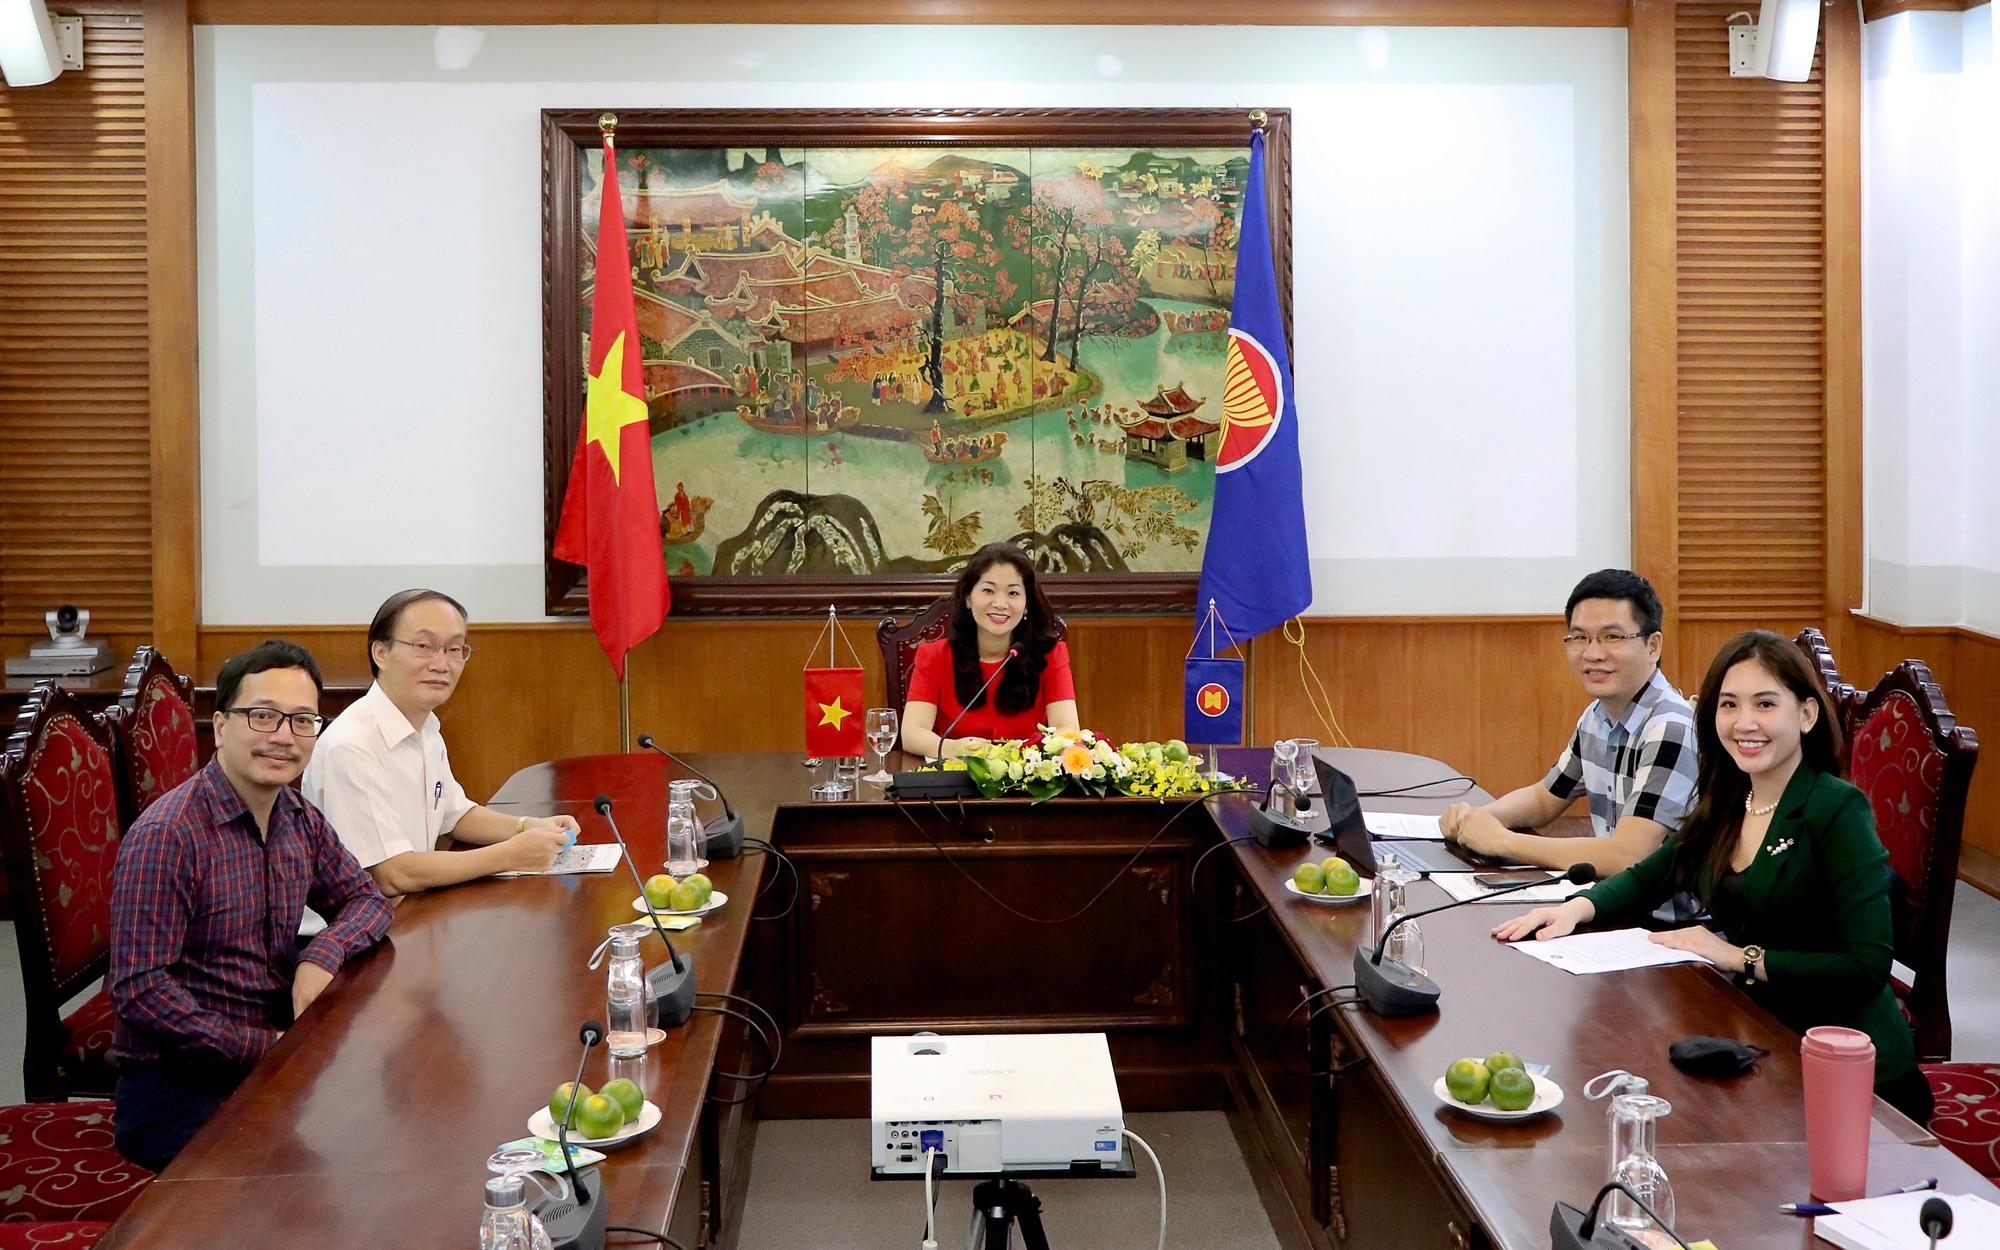 Đẩy mạnh hợp tác văn hóa và thông tin vì sự phát triển bền vững của ASEAN - Ảnh 1.